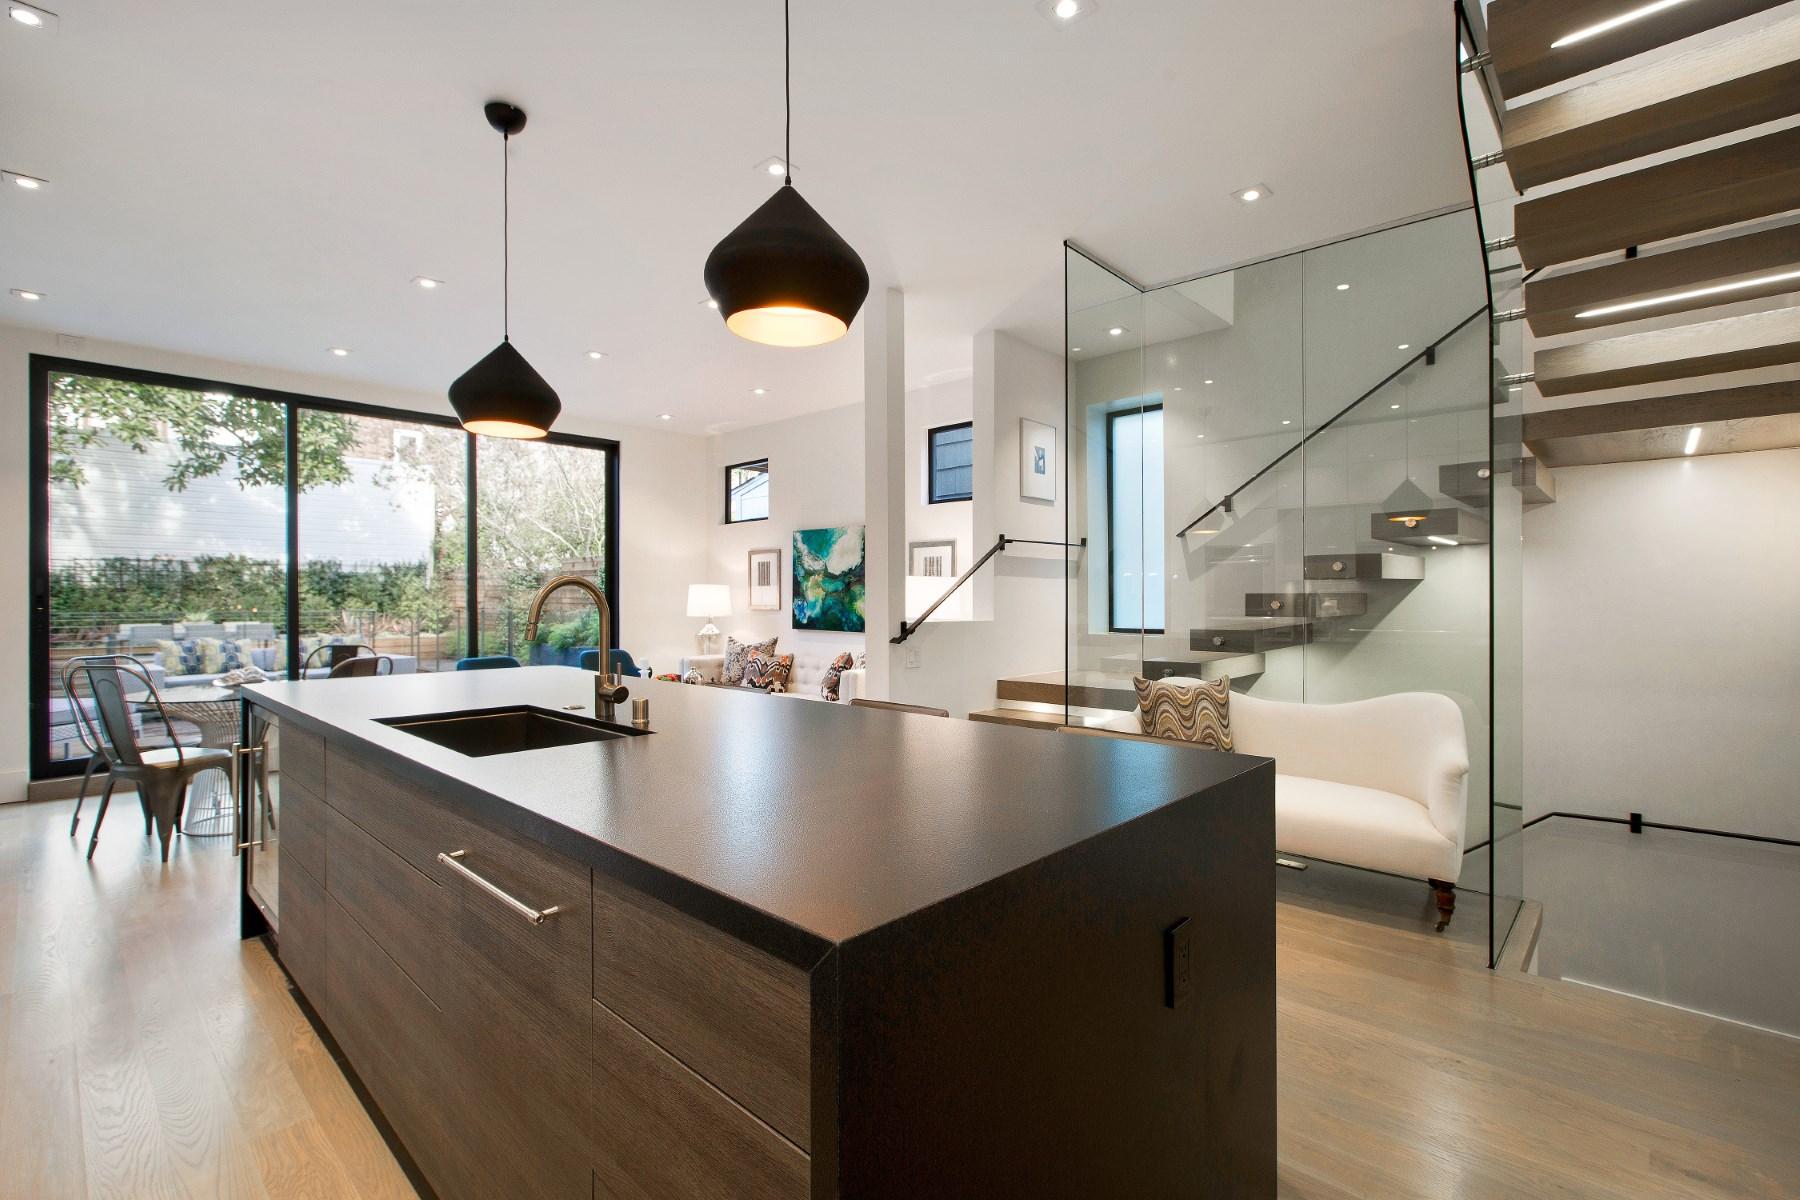 Property For Sale at Fresh Noe Modern in Lush Garden Setting